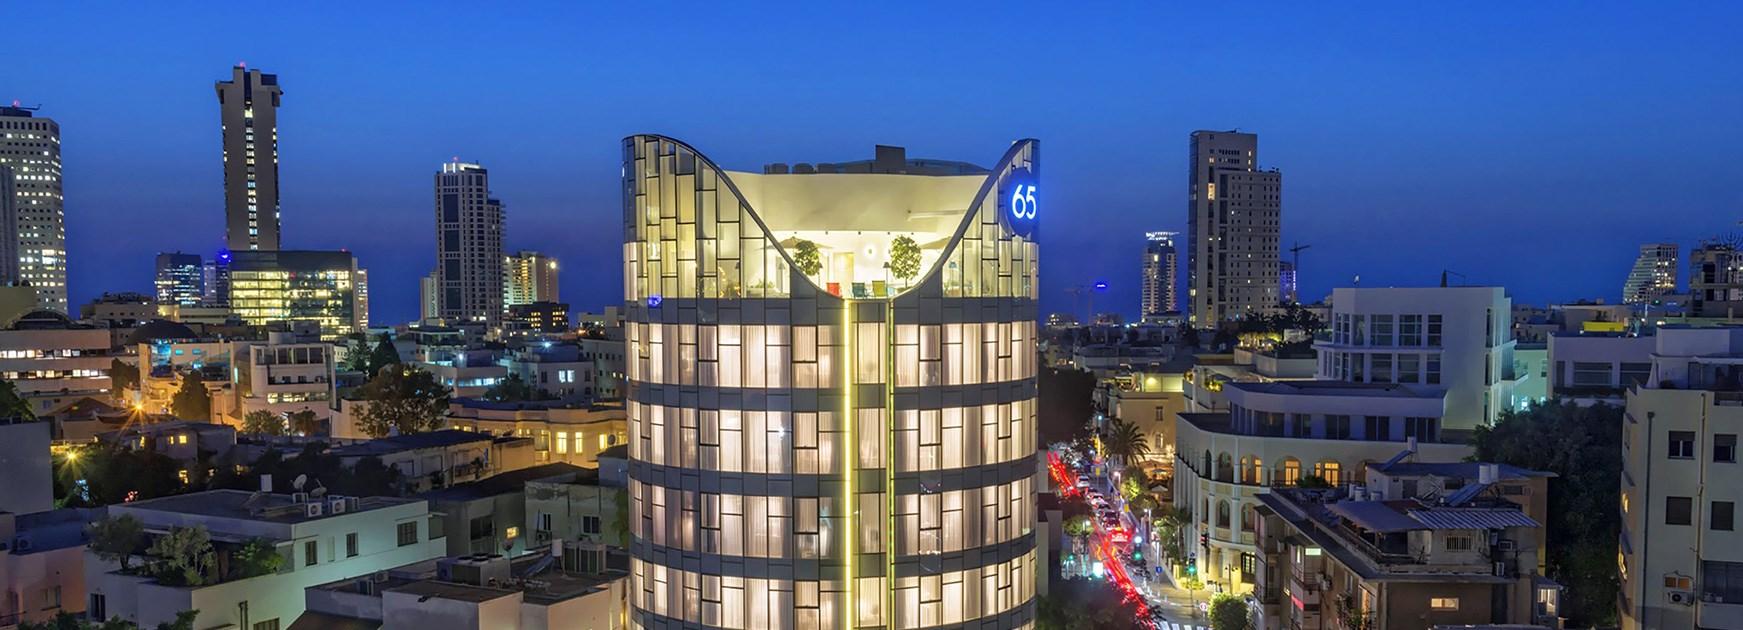 65-hotel-telaviv-header-1-